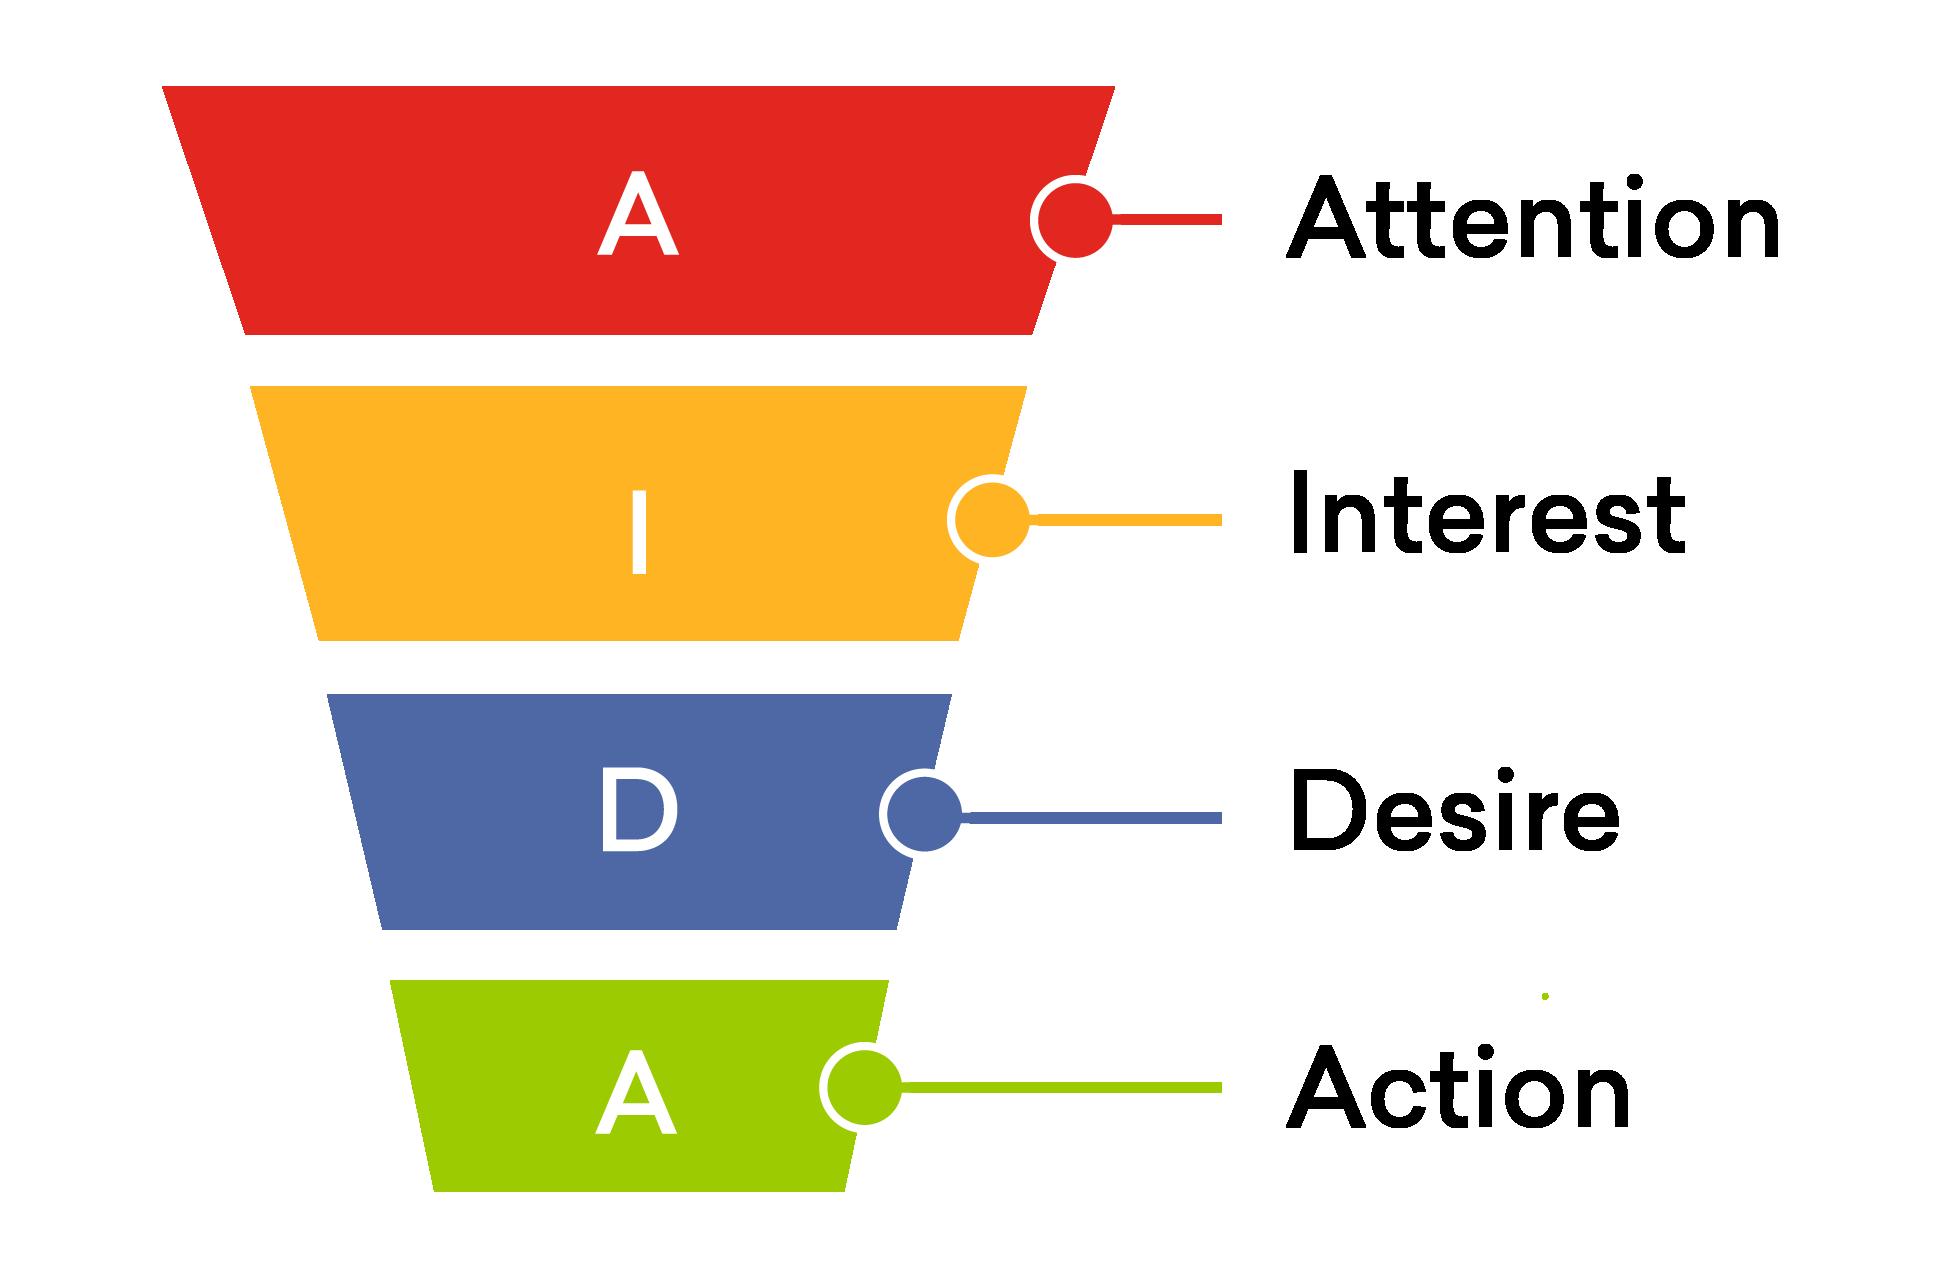 Tối ưu hiệu quả bán hàng với website chuẩn AIDA